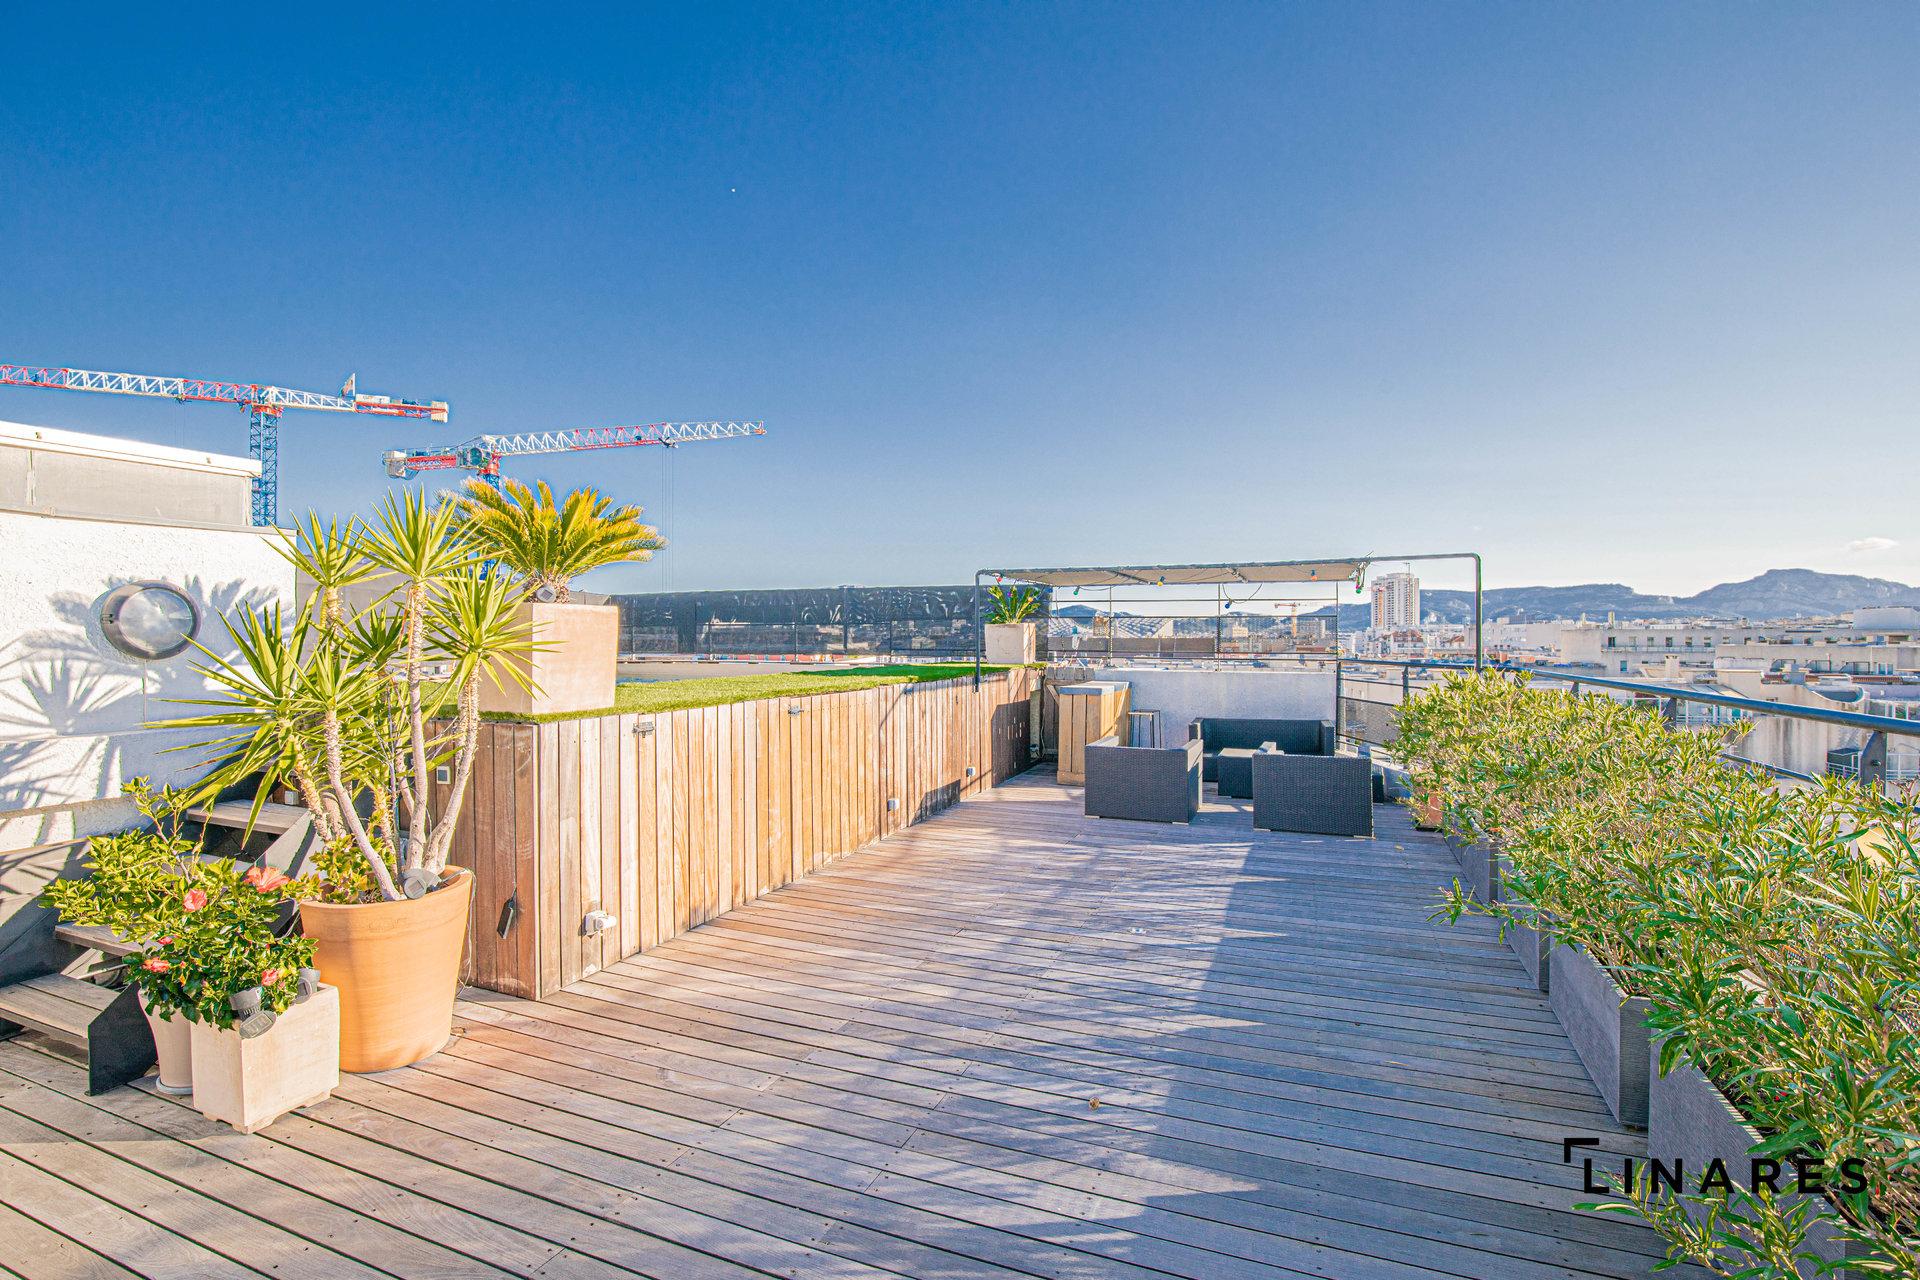 LE PANORAMIQUE - Duplex en Toit Terrasse T4/5 de 150m2 + Terrasses 135m2 + Piscine